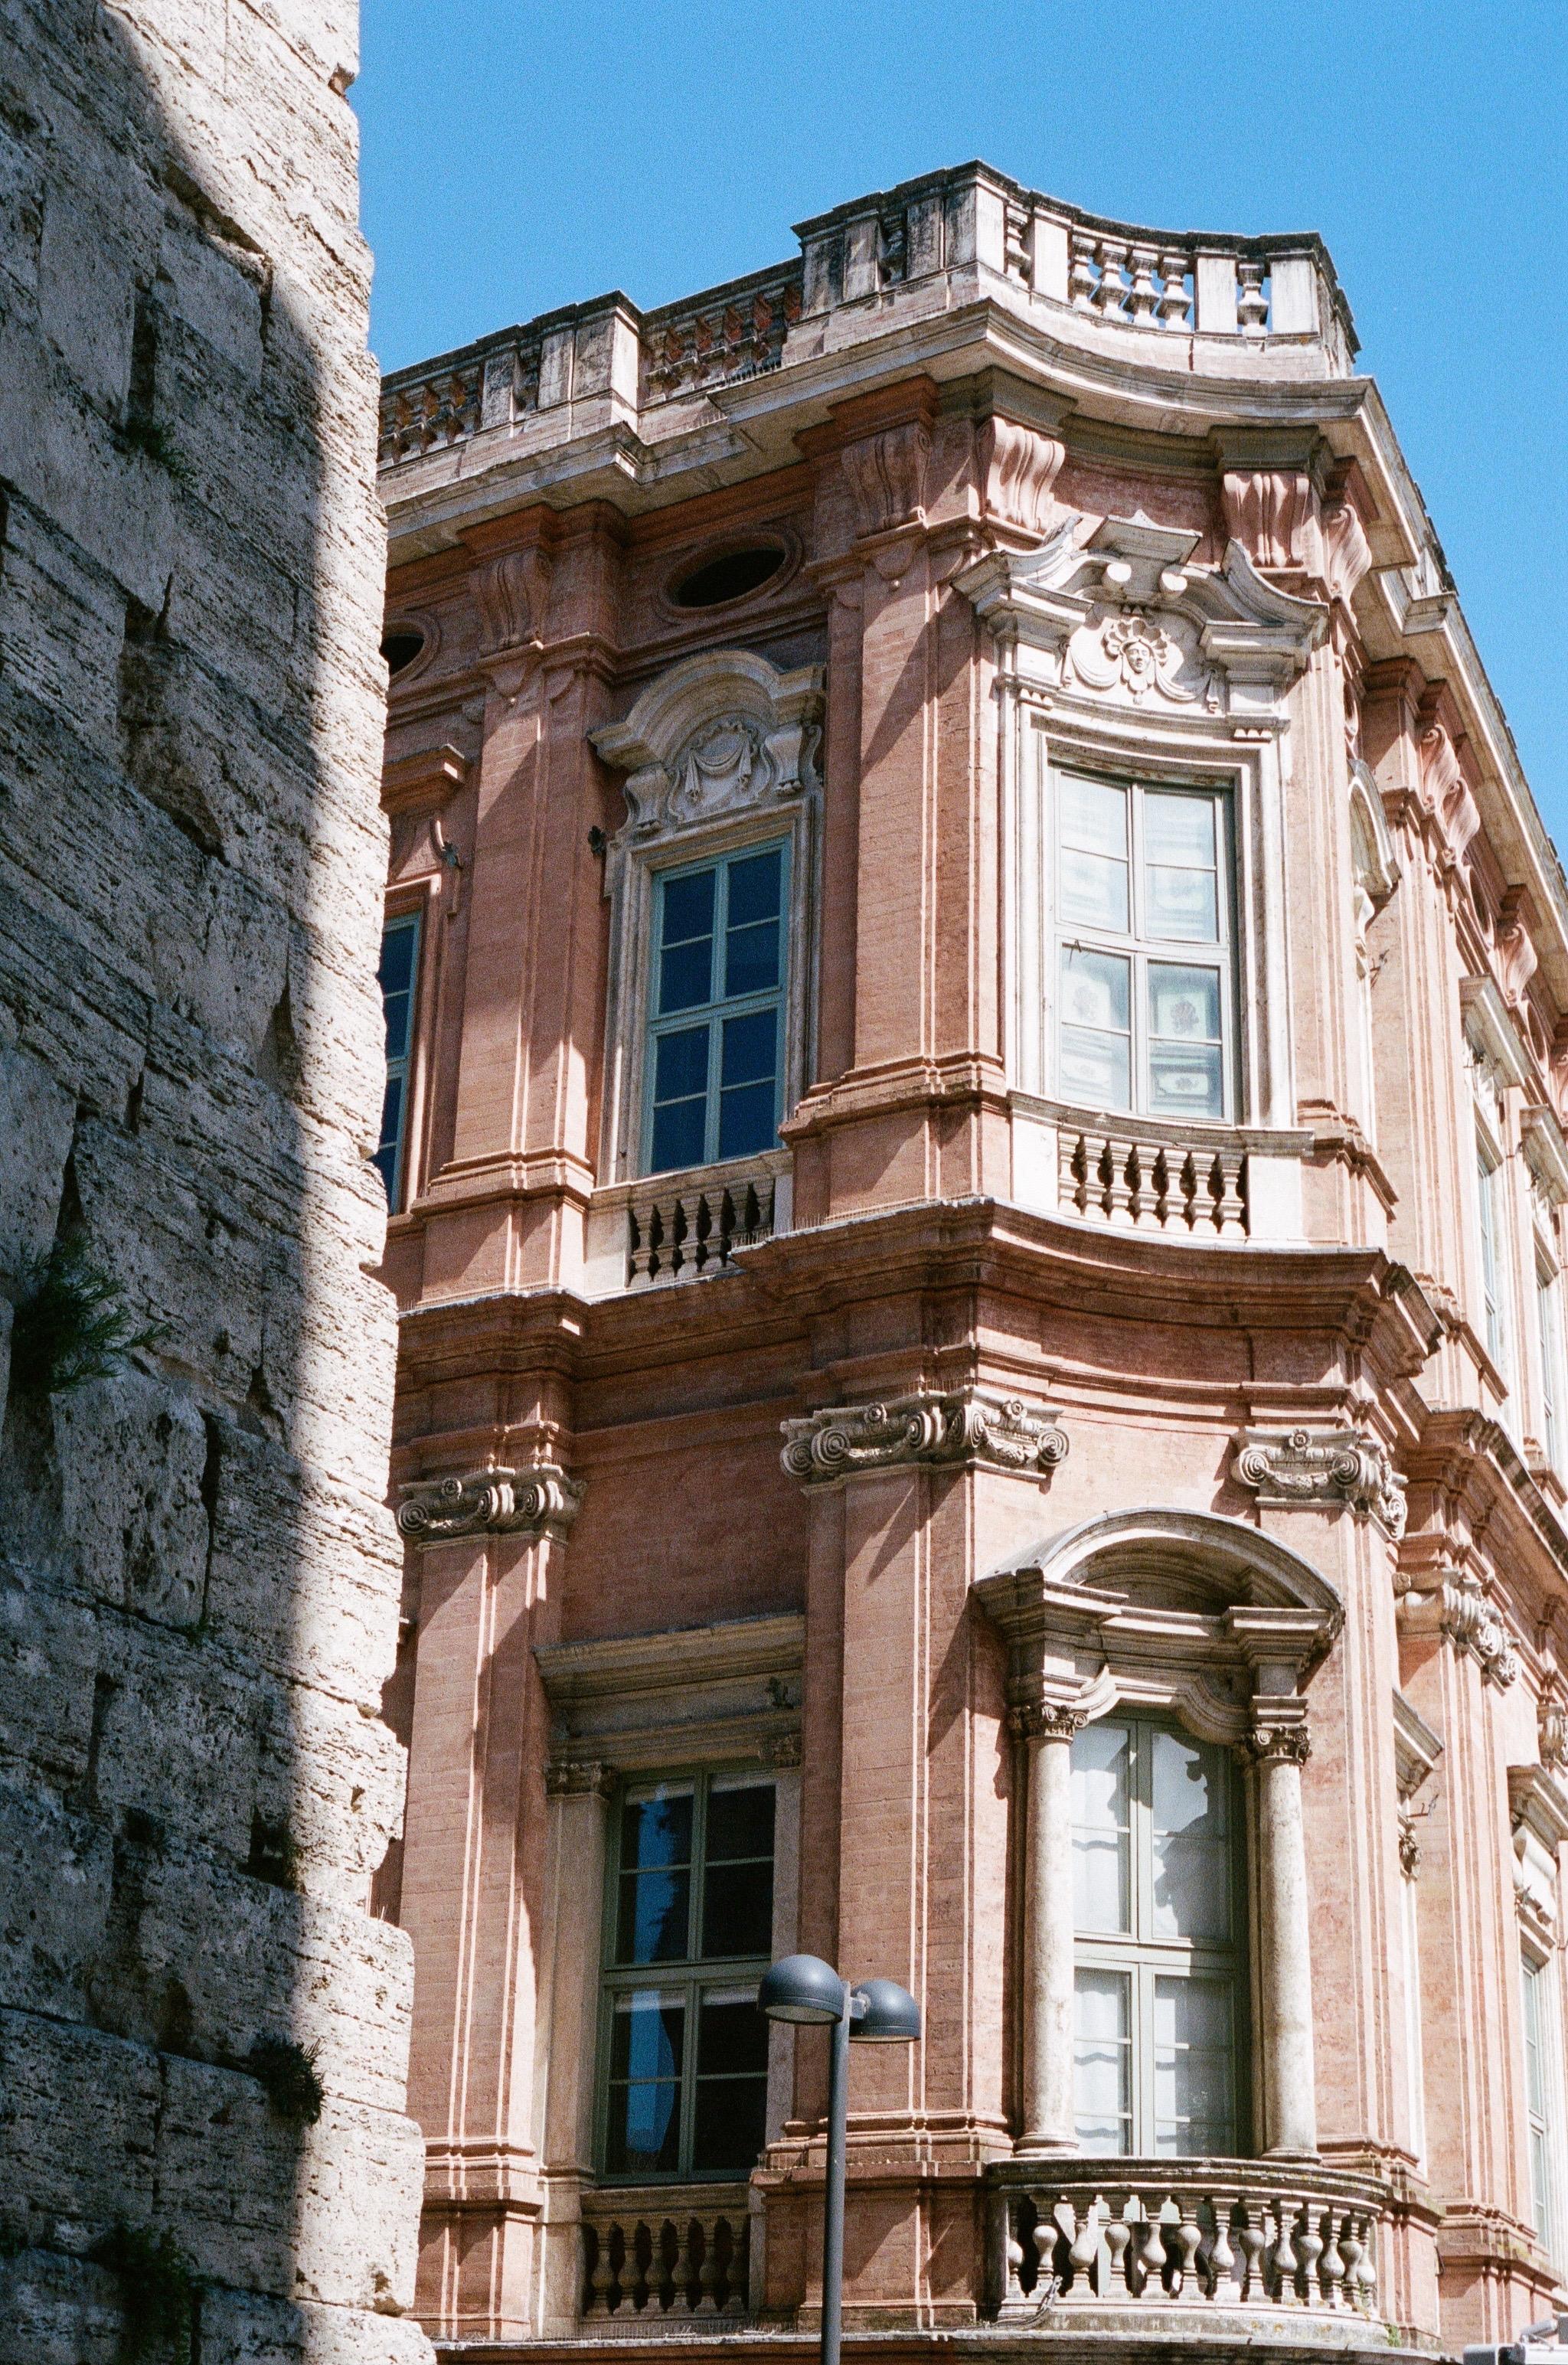 Perugia on Portra 400